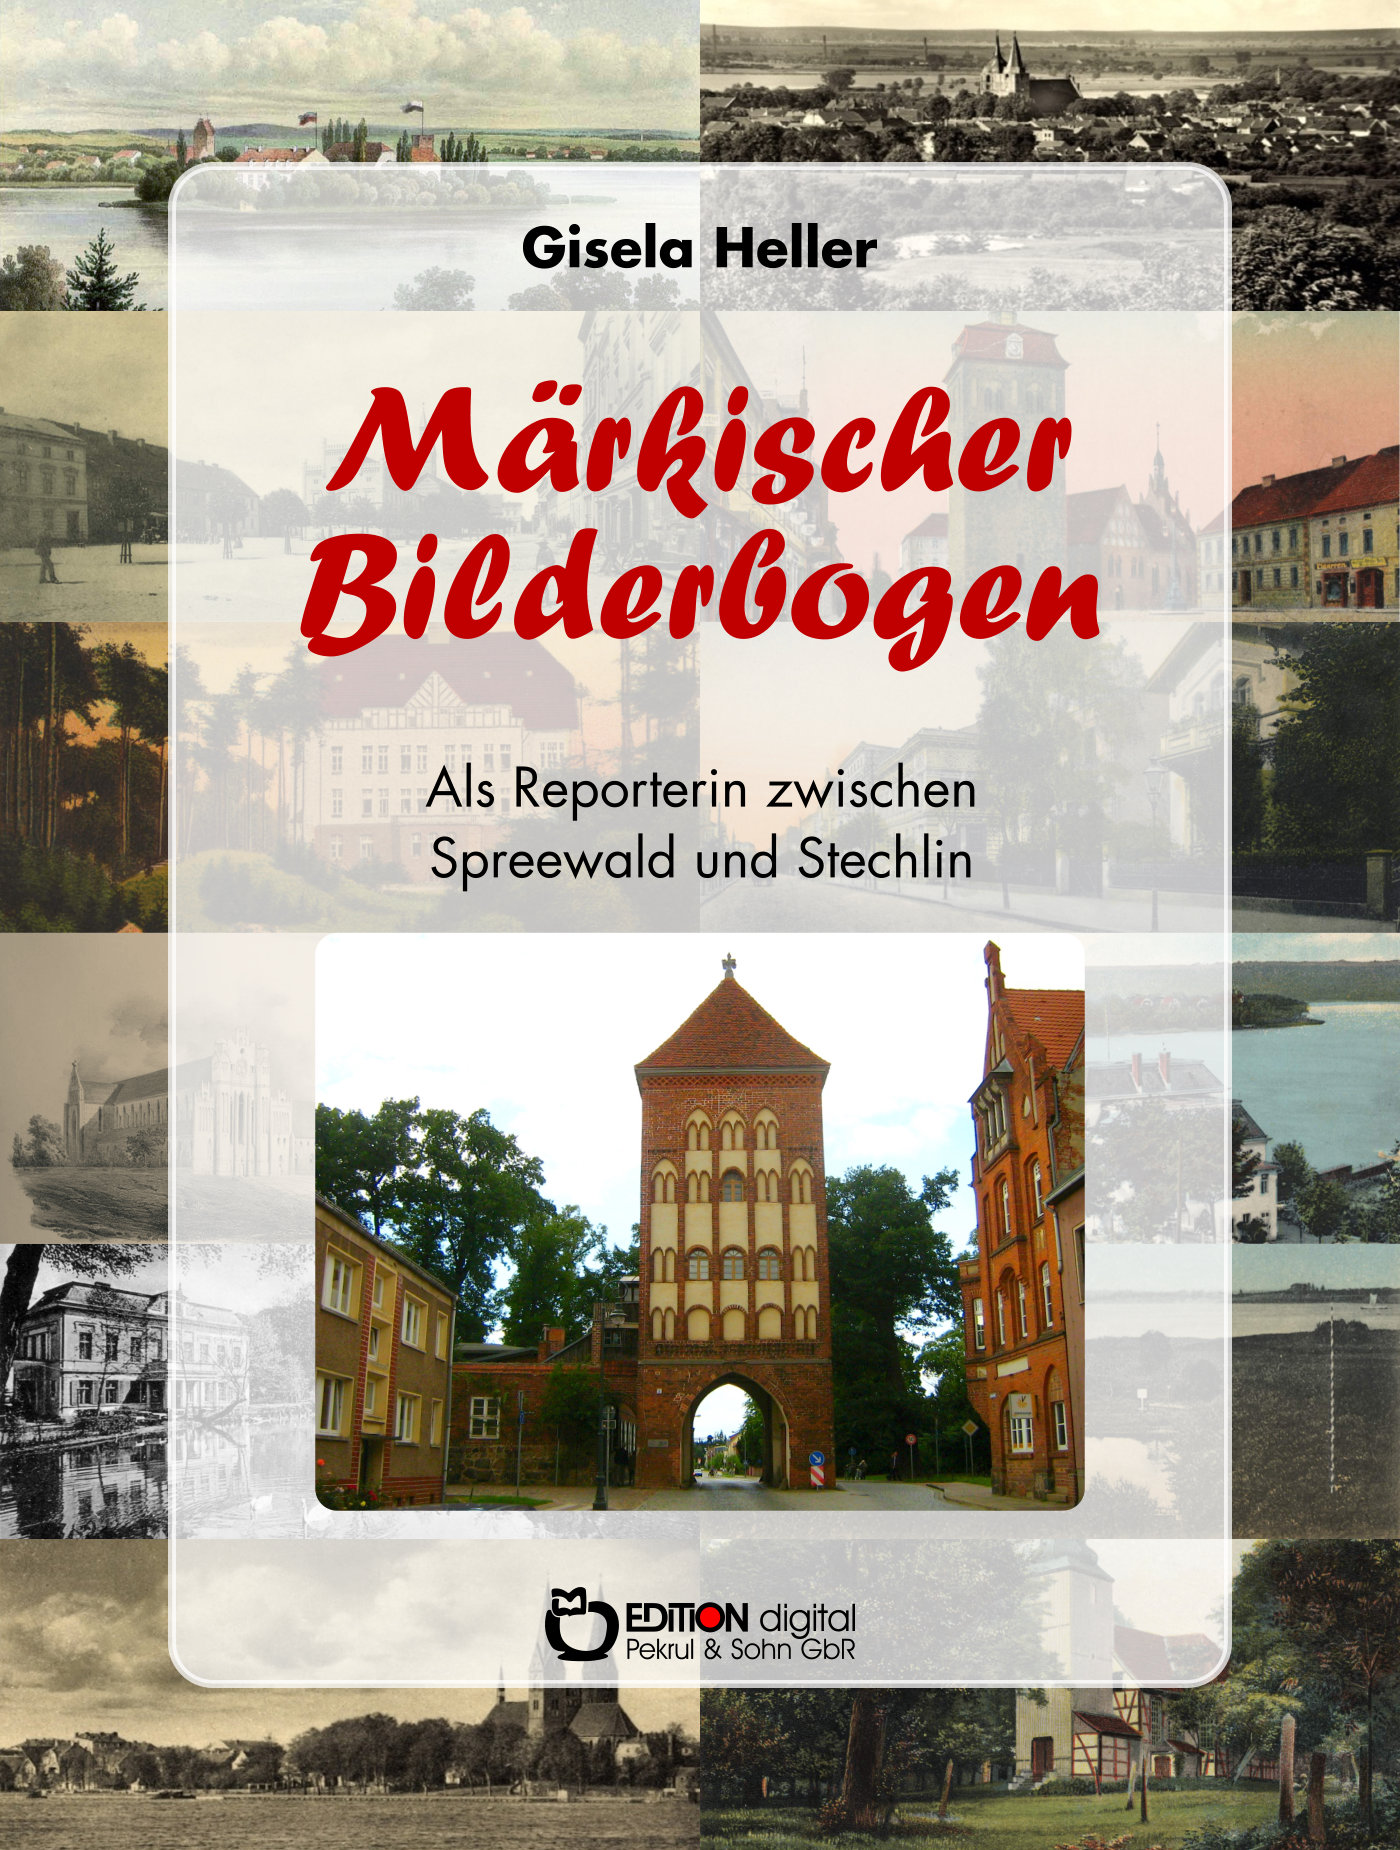 Märkischer Bilderbogen. Als Reporterin zwischen Spreewald und Stechlin von Gisela Heller